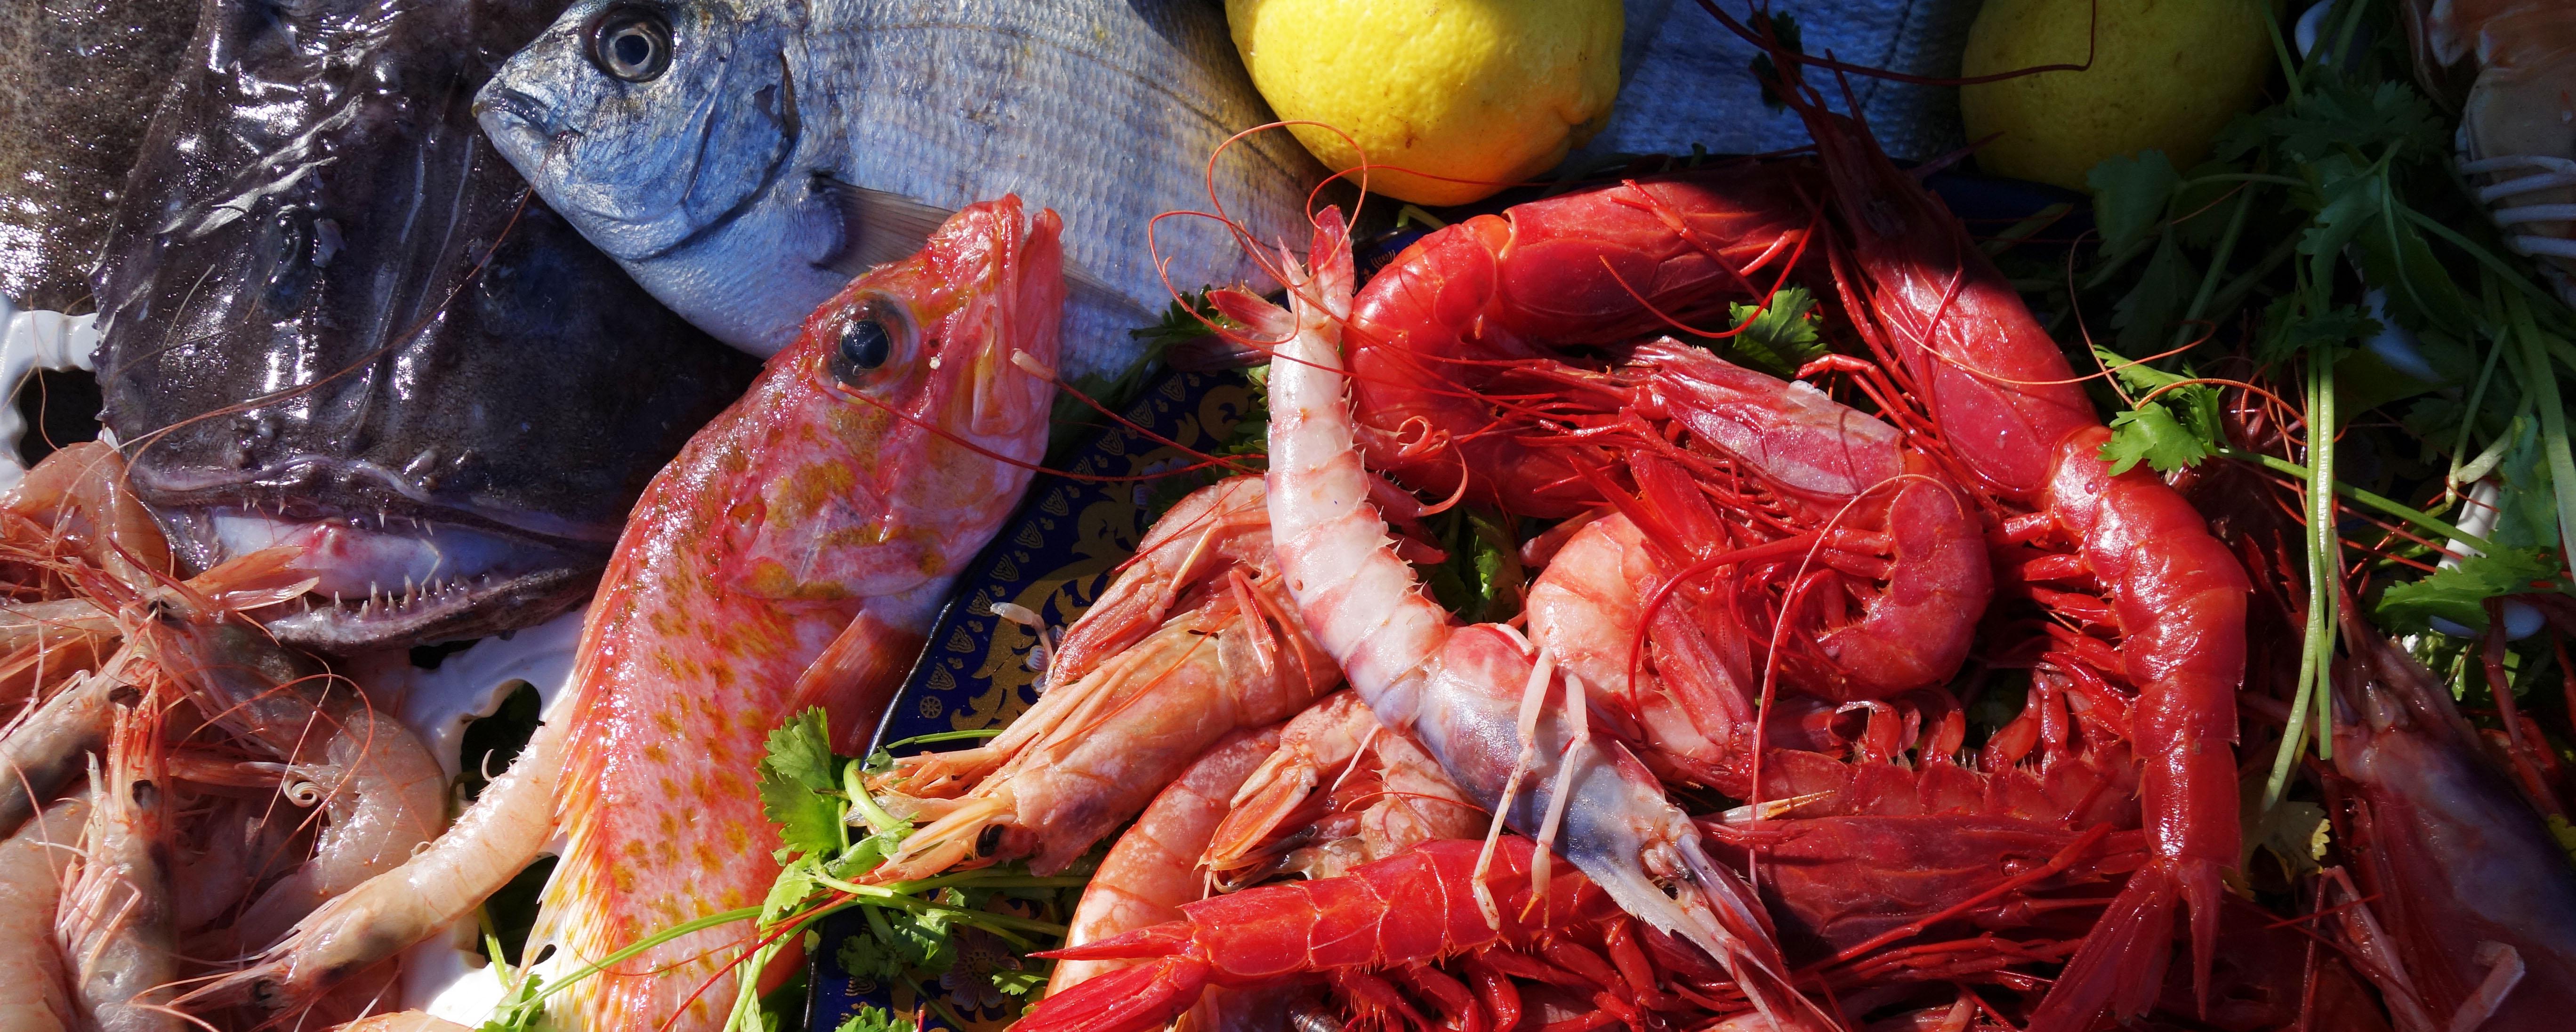 Fisk Essaouira